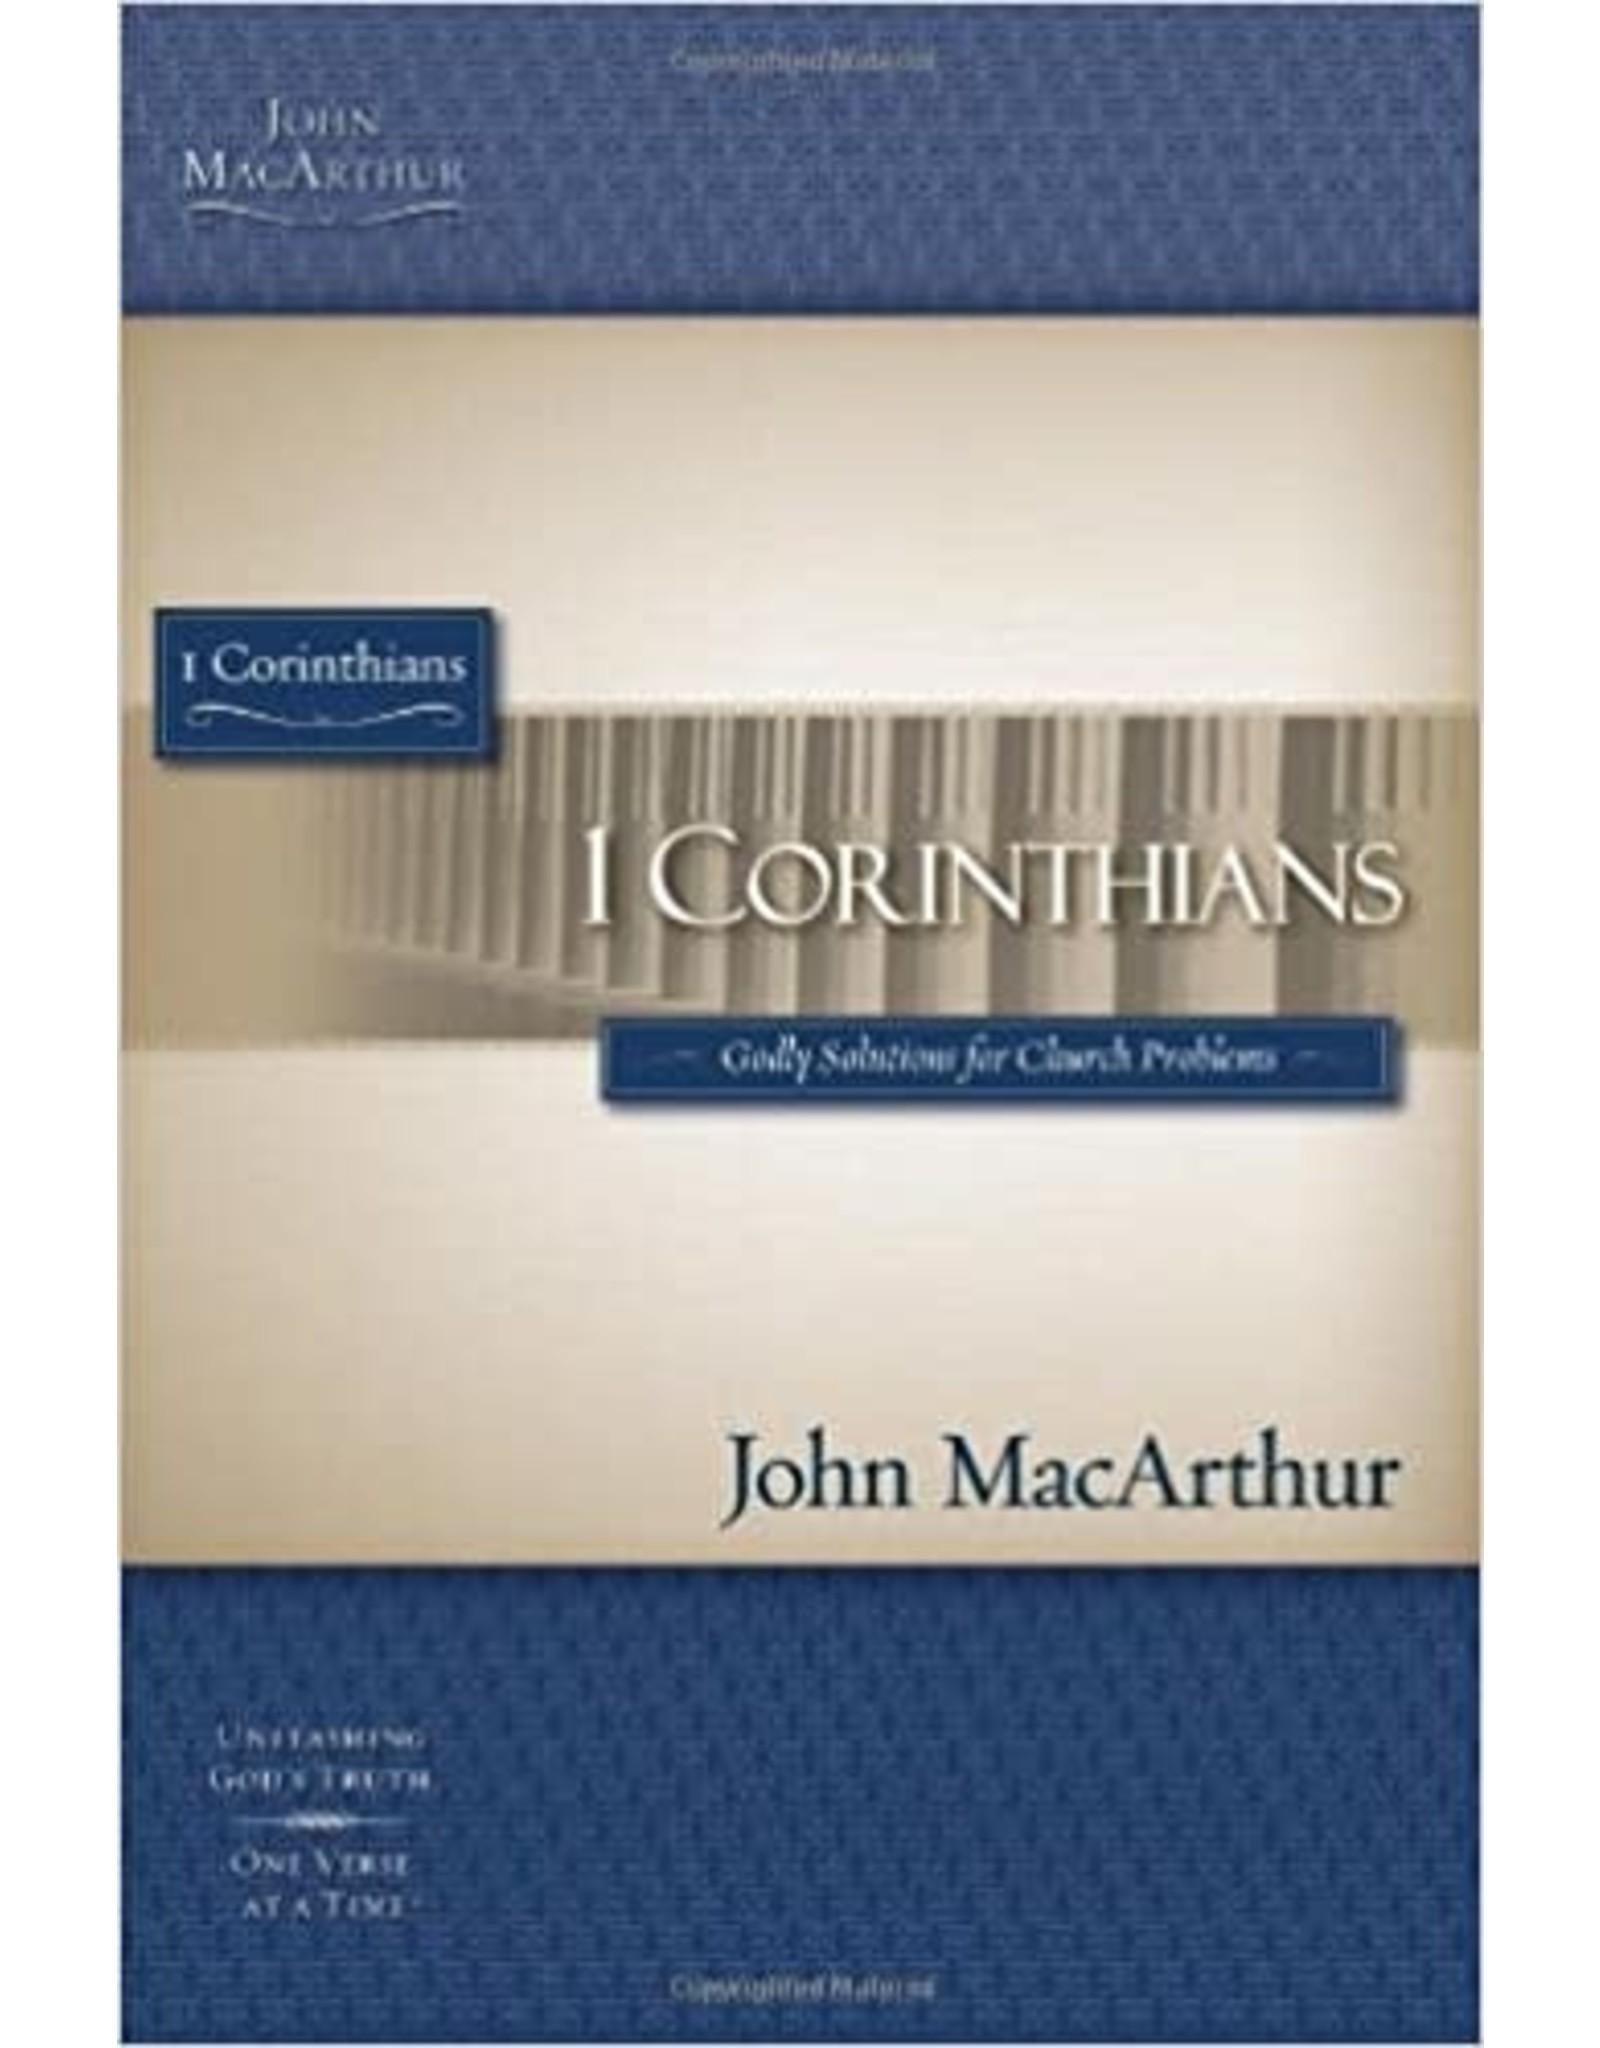 MacArthur MacArthur Bible Study  1 Corinthians